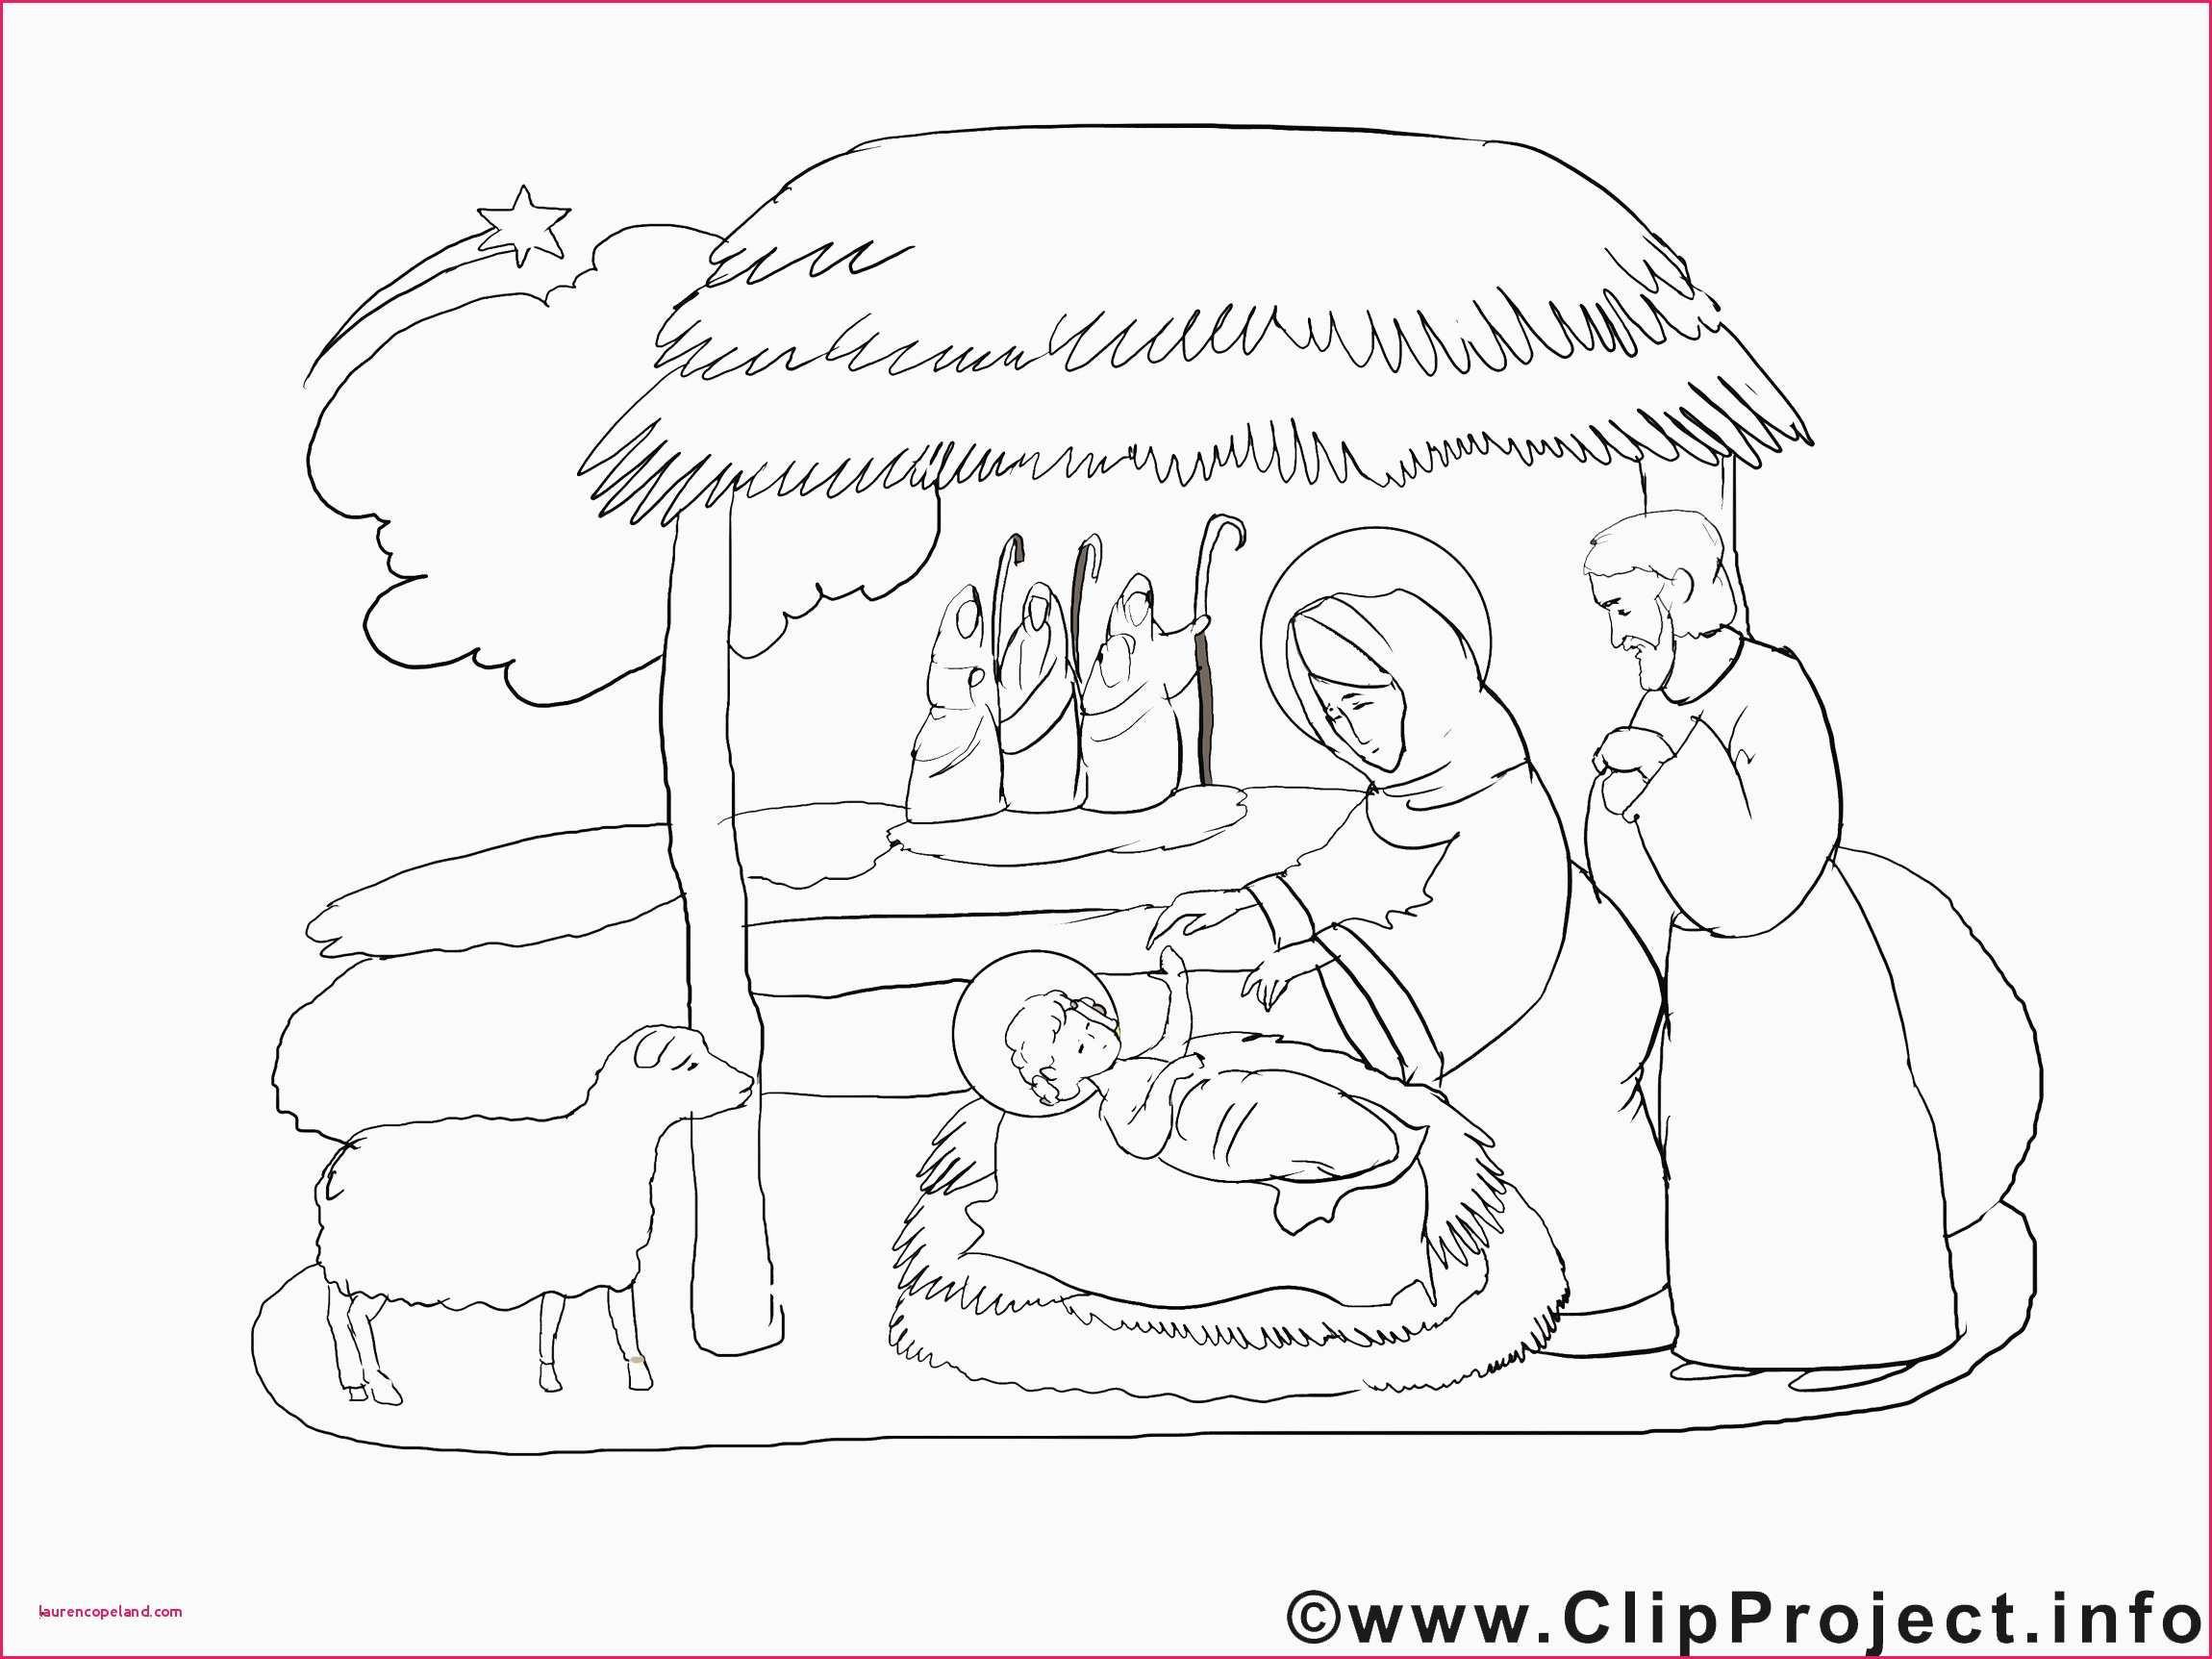 Ausmalbilder Weihnachten Christlich Frisch Vorlagen Basteln Weihnachten 315 Kostenlos Vorlage Fotos